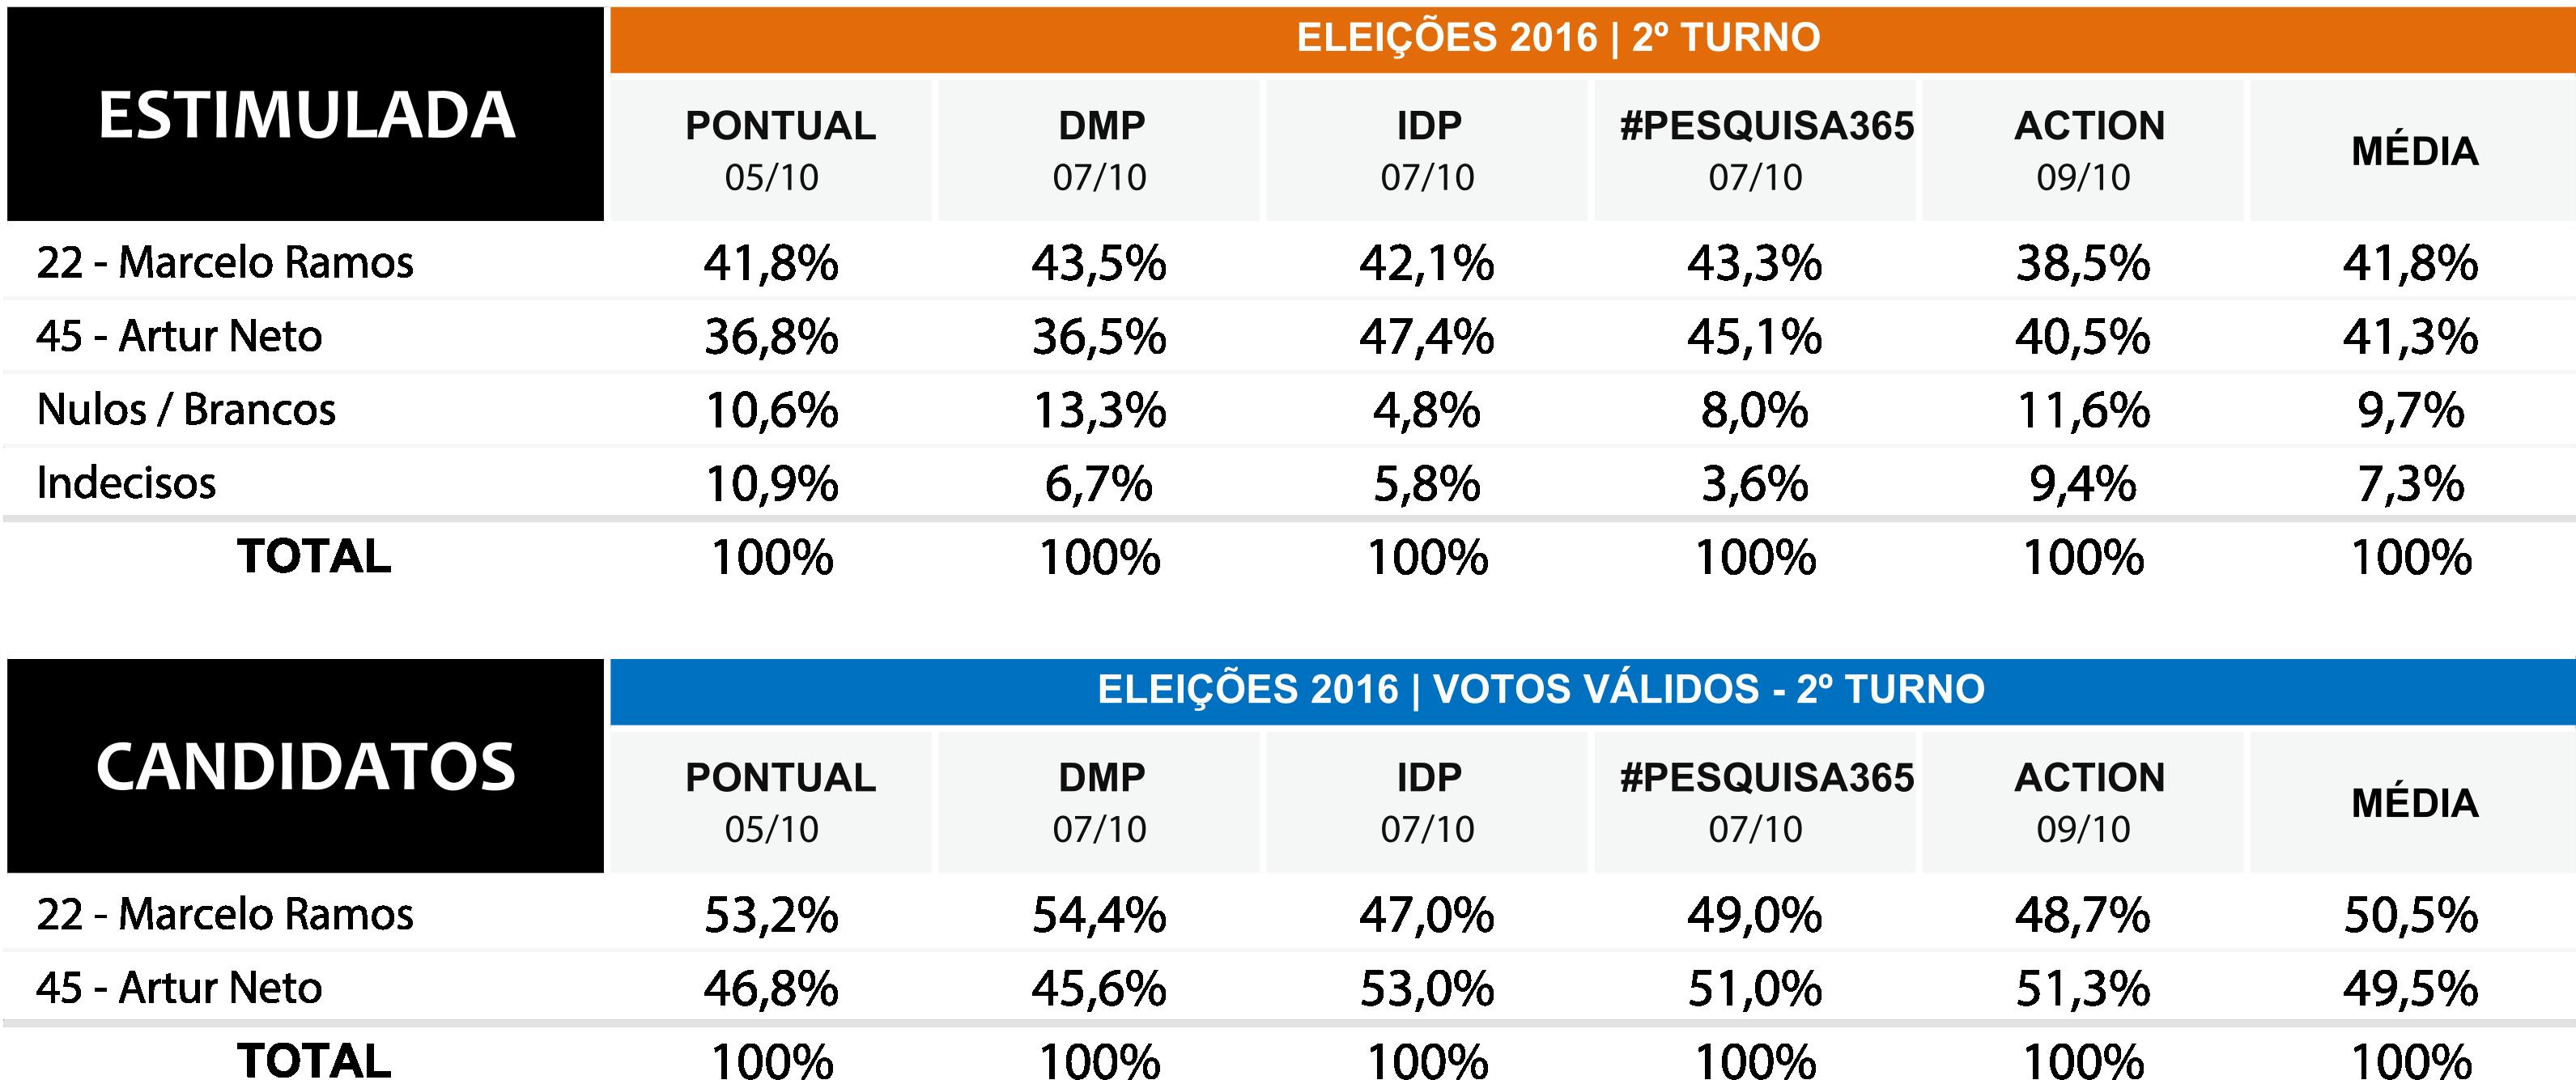 Durango Duarte - Quadro comparativo das pesquisas do 2º turno